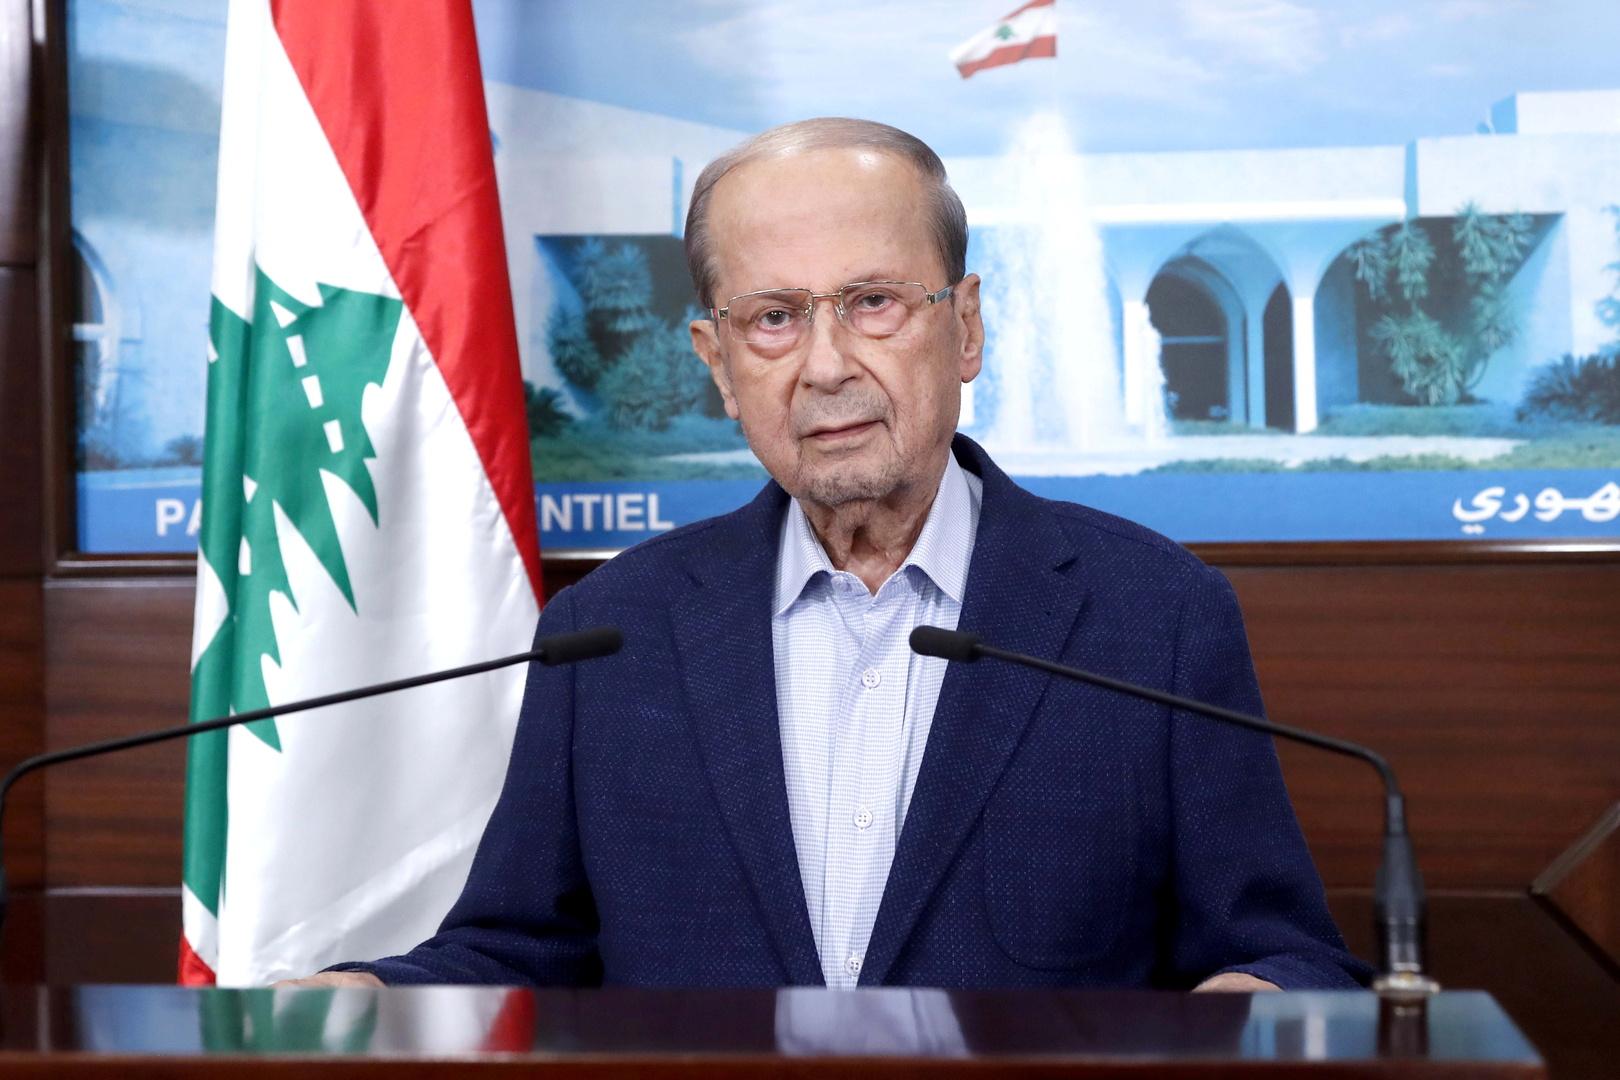 الرئيس اللبناني: تداعيات الأحداث الأمنية الأخيرة طويت ولا عودة إلى الحرب الأهلية